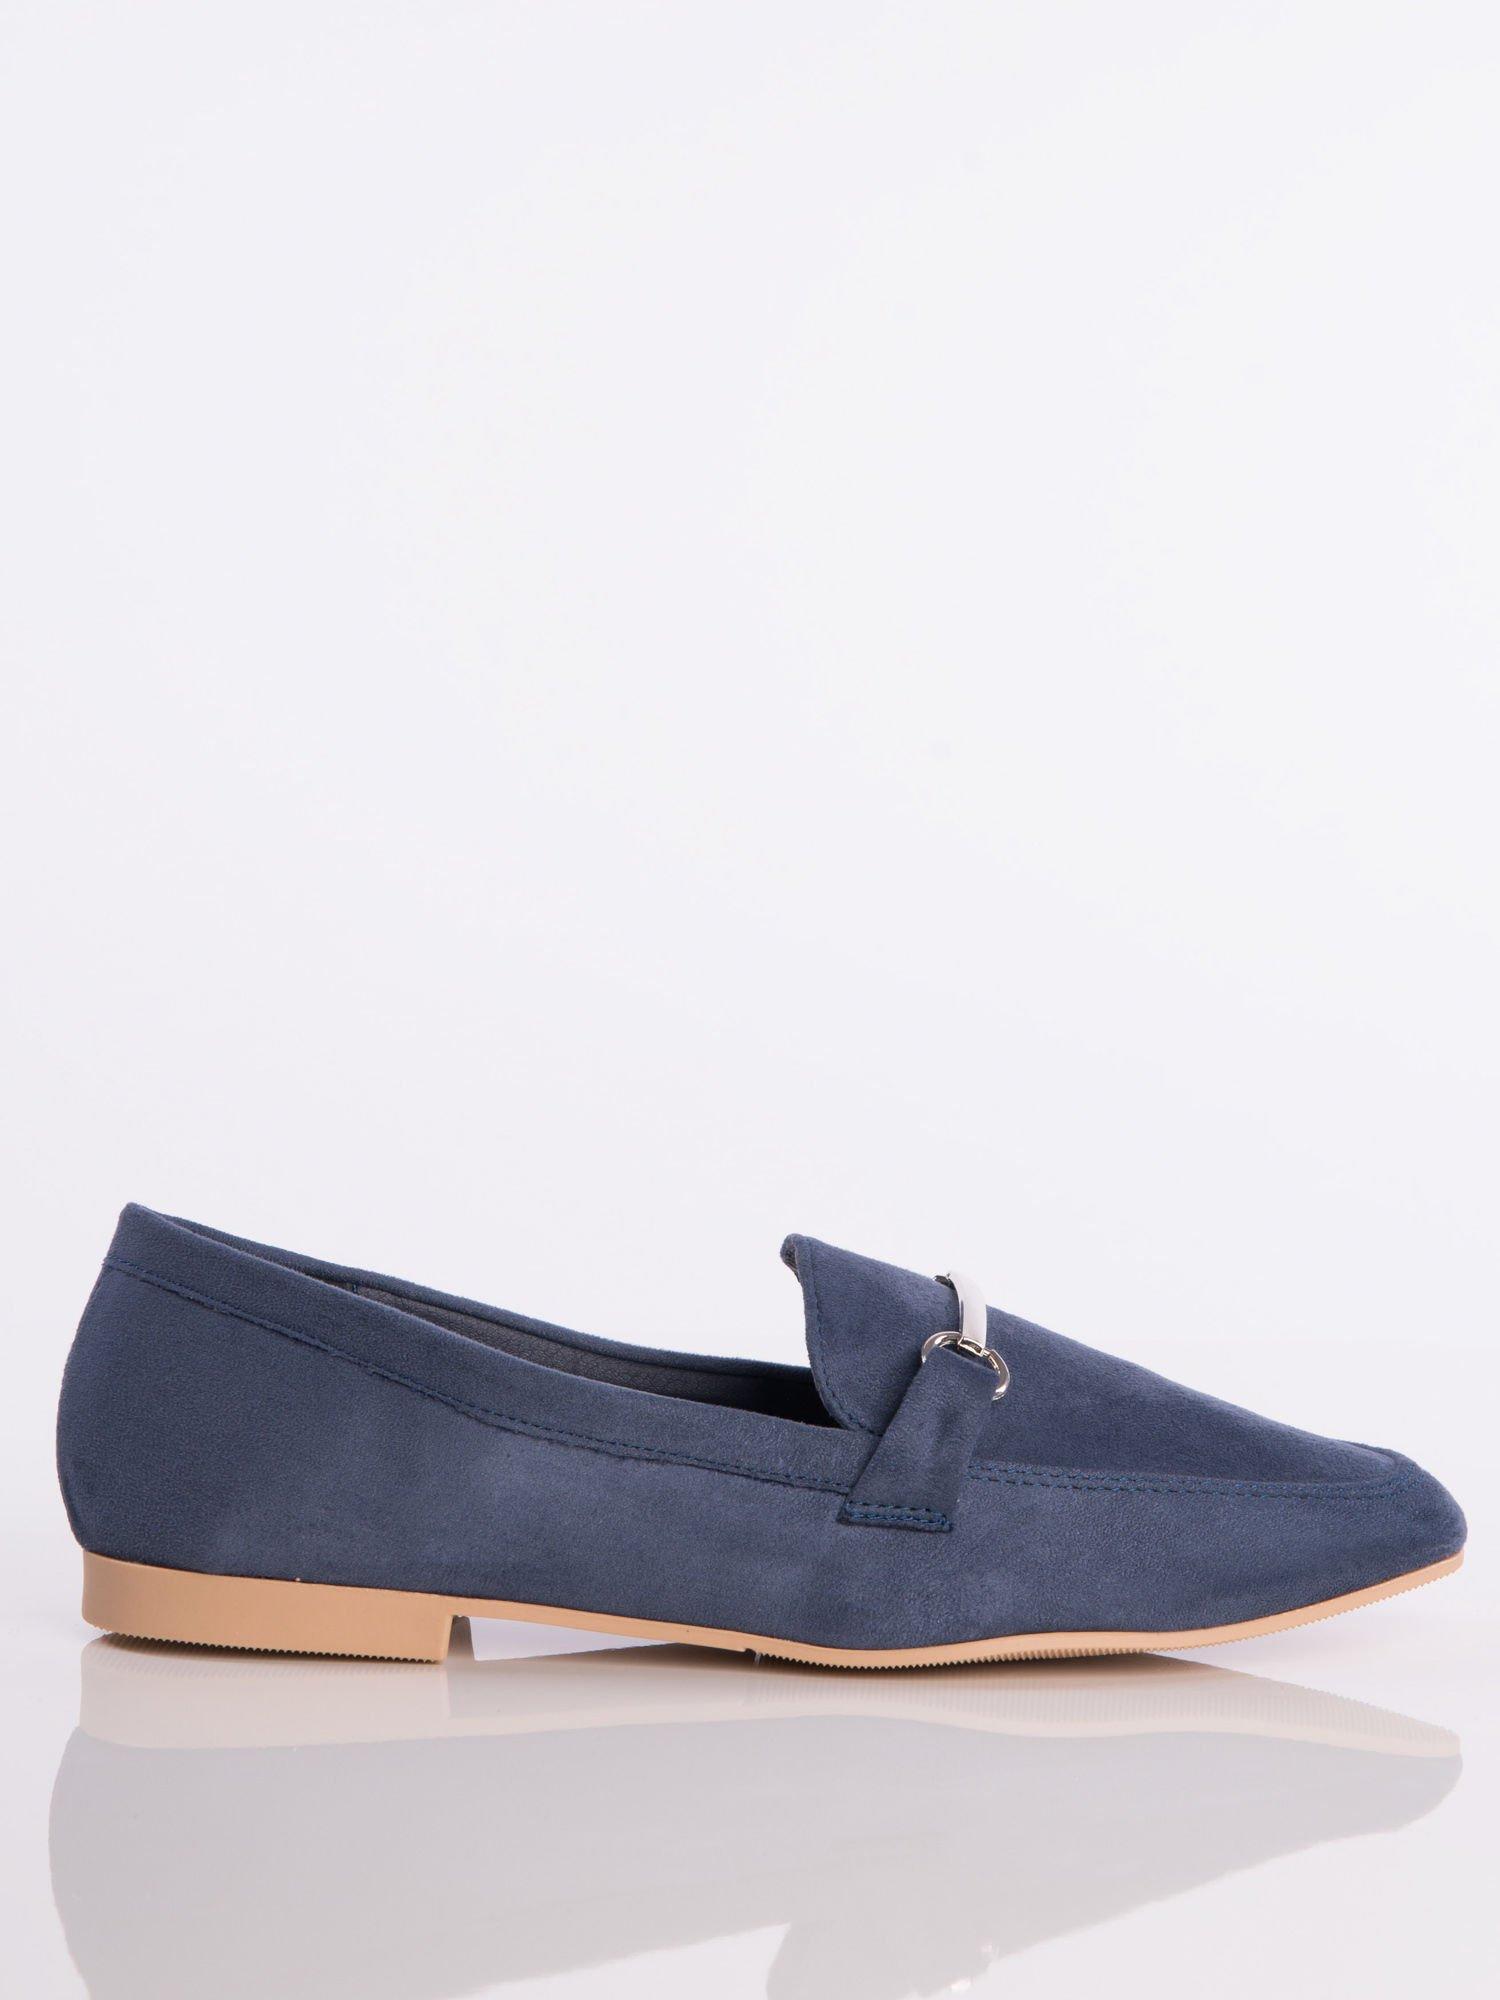 3c1811dcccc06 Granatowe zamszowe mokasyny z ozdobną klamerką i paskiem na przodzie buta  ...